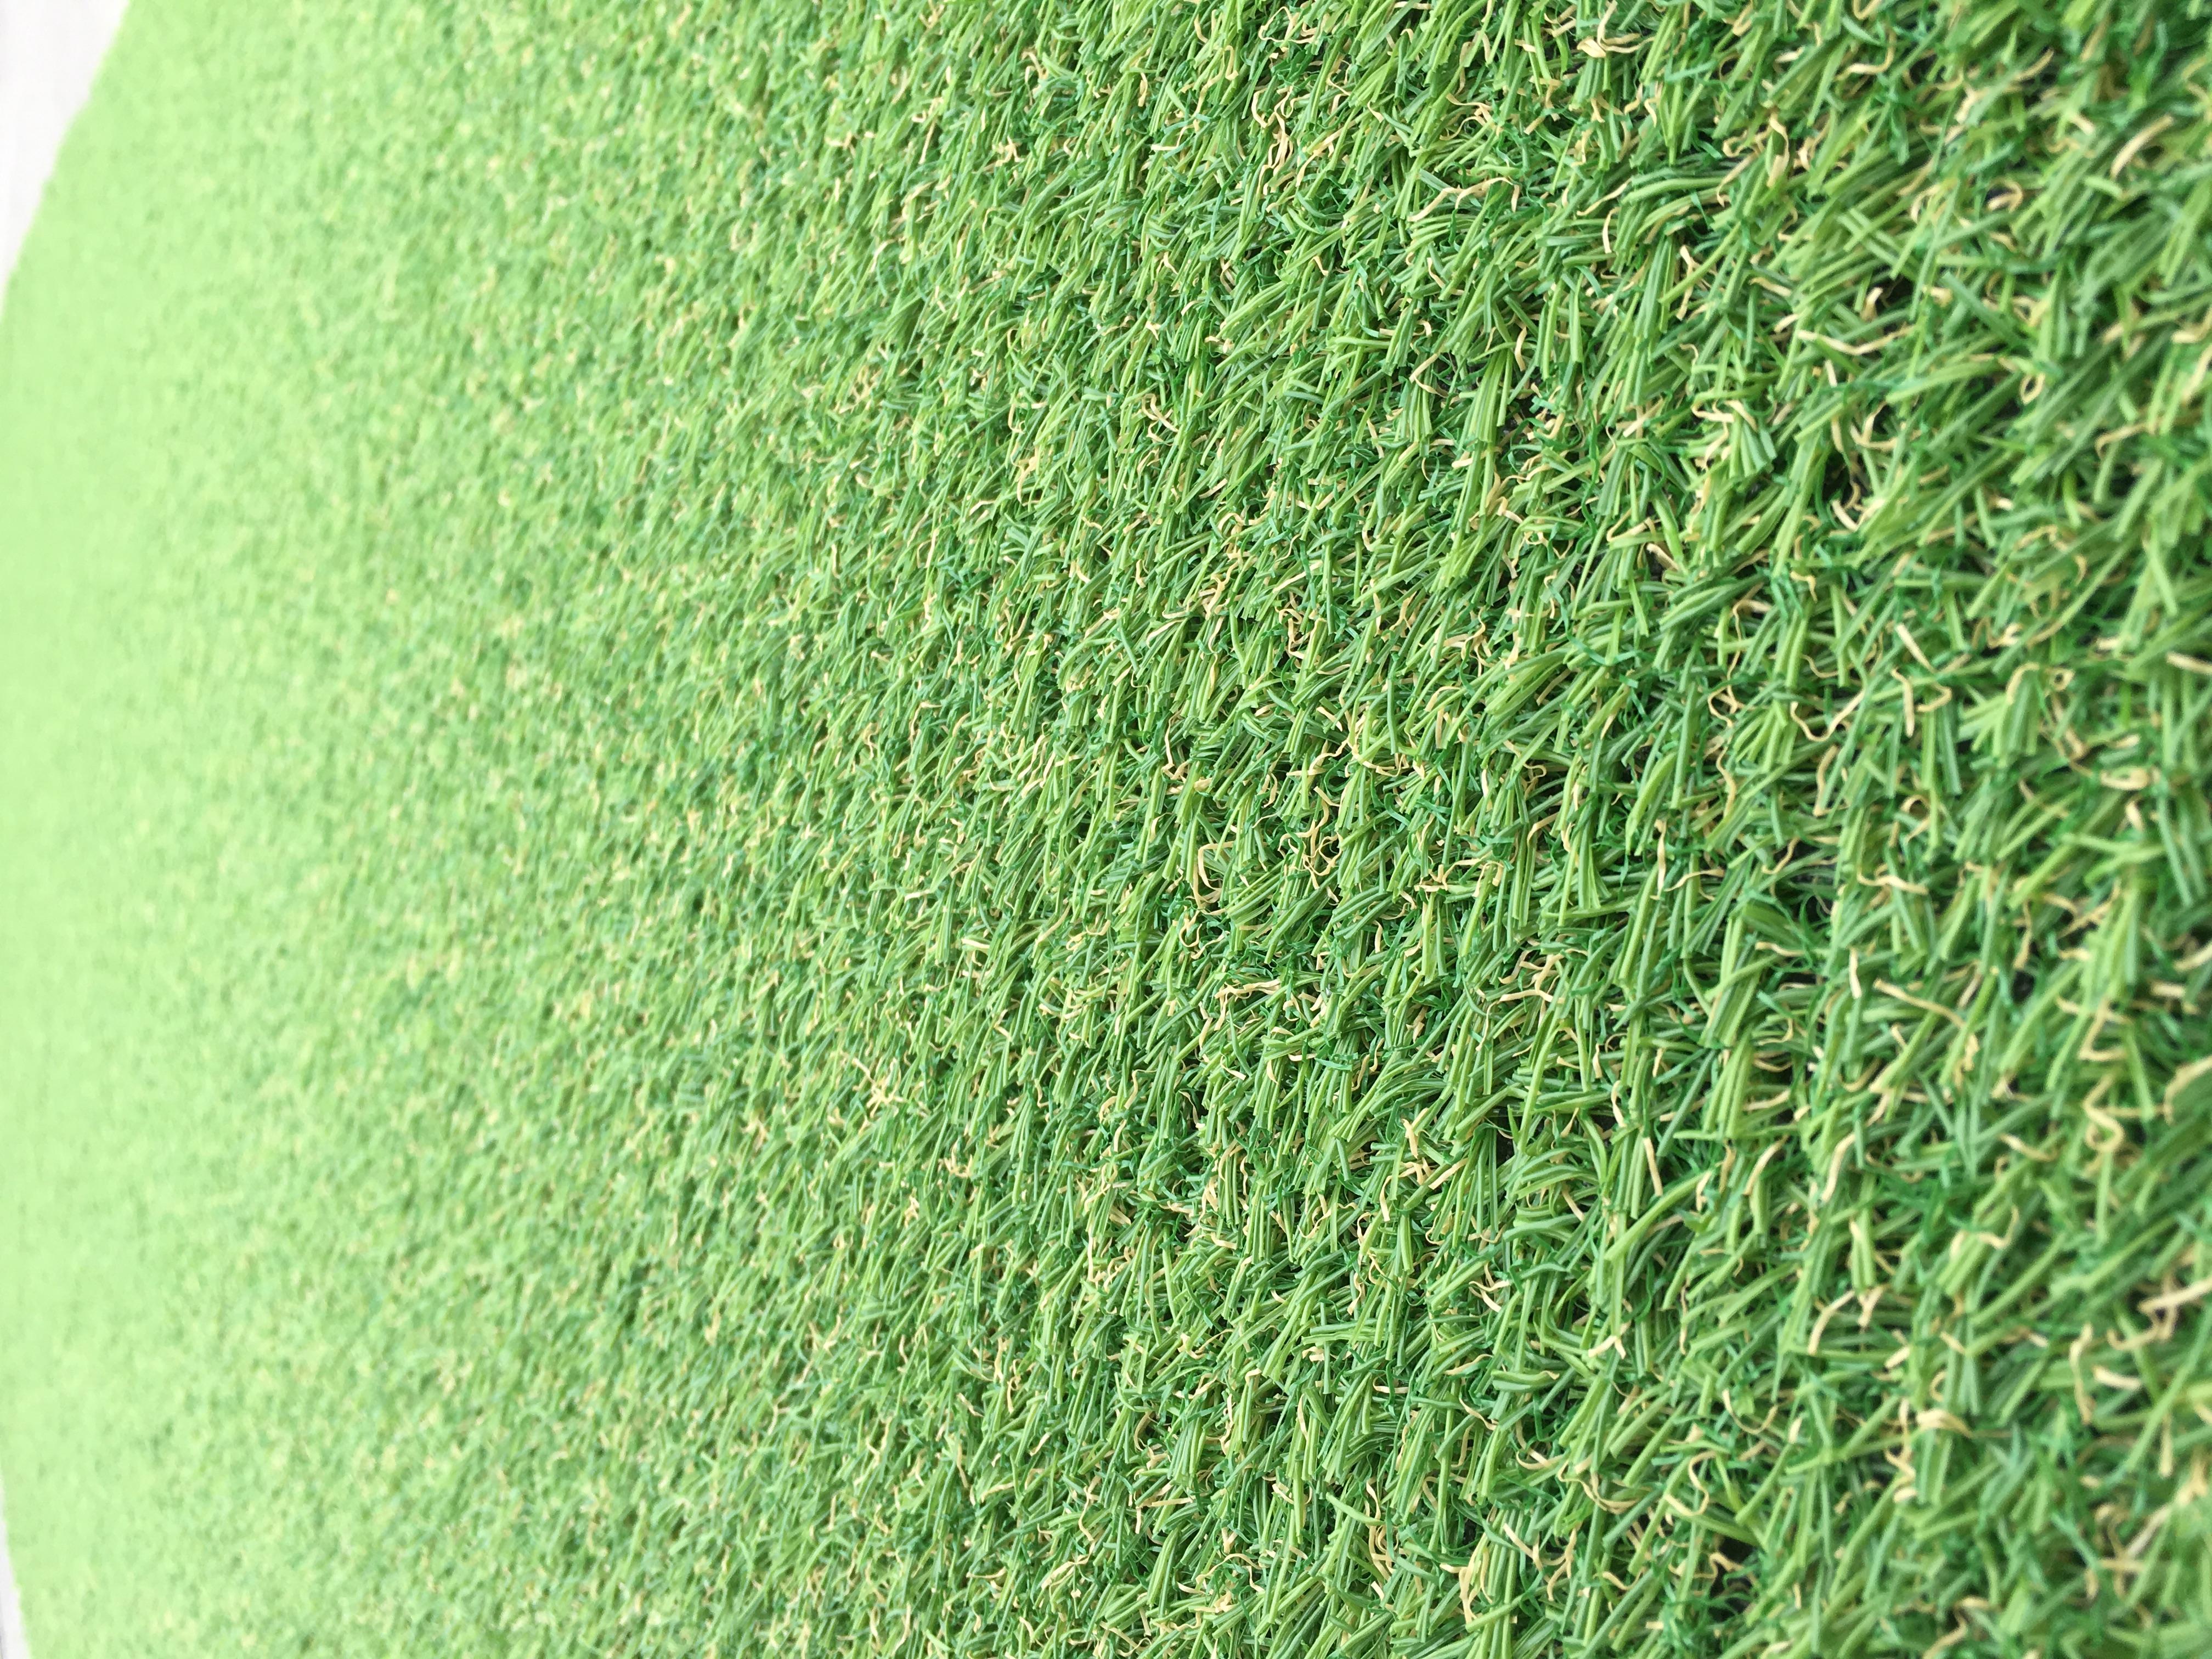 Covor Iarba Artificiala, Tip Gazon, Verde, Natura, 100% Polipropilena, 10 mm, 100x400 cm 4